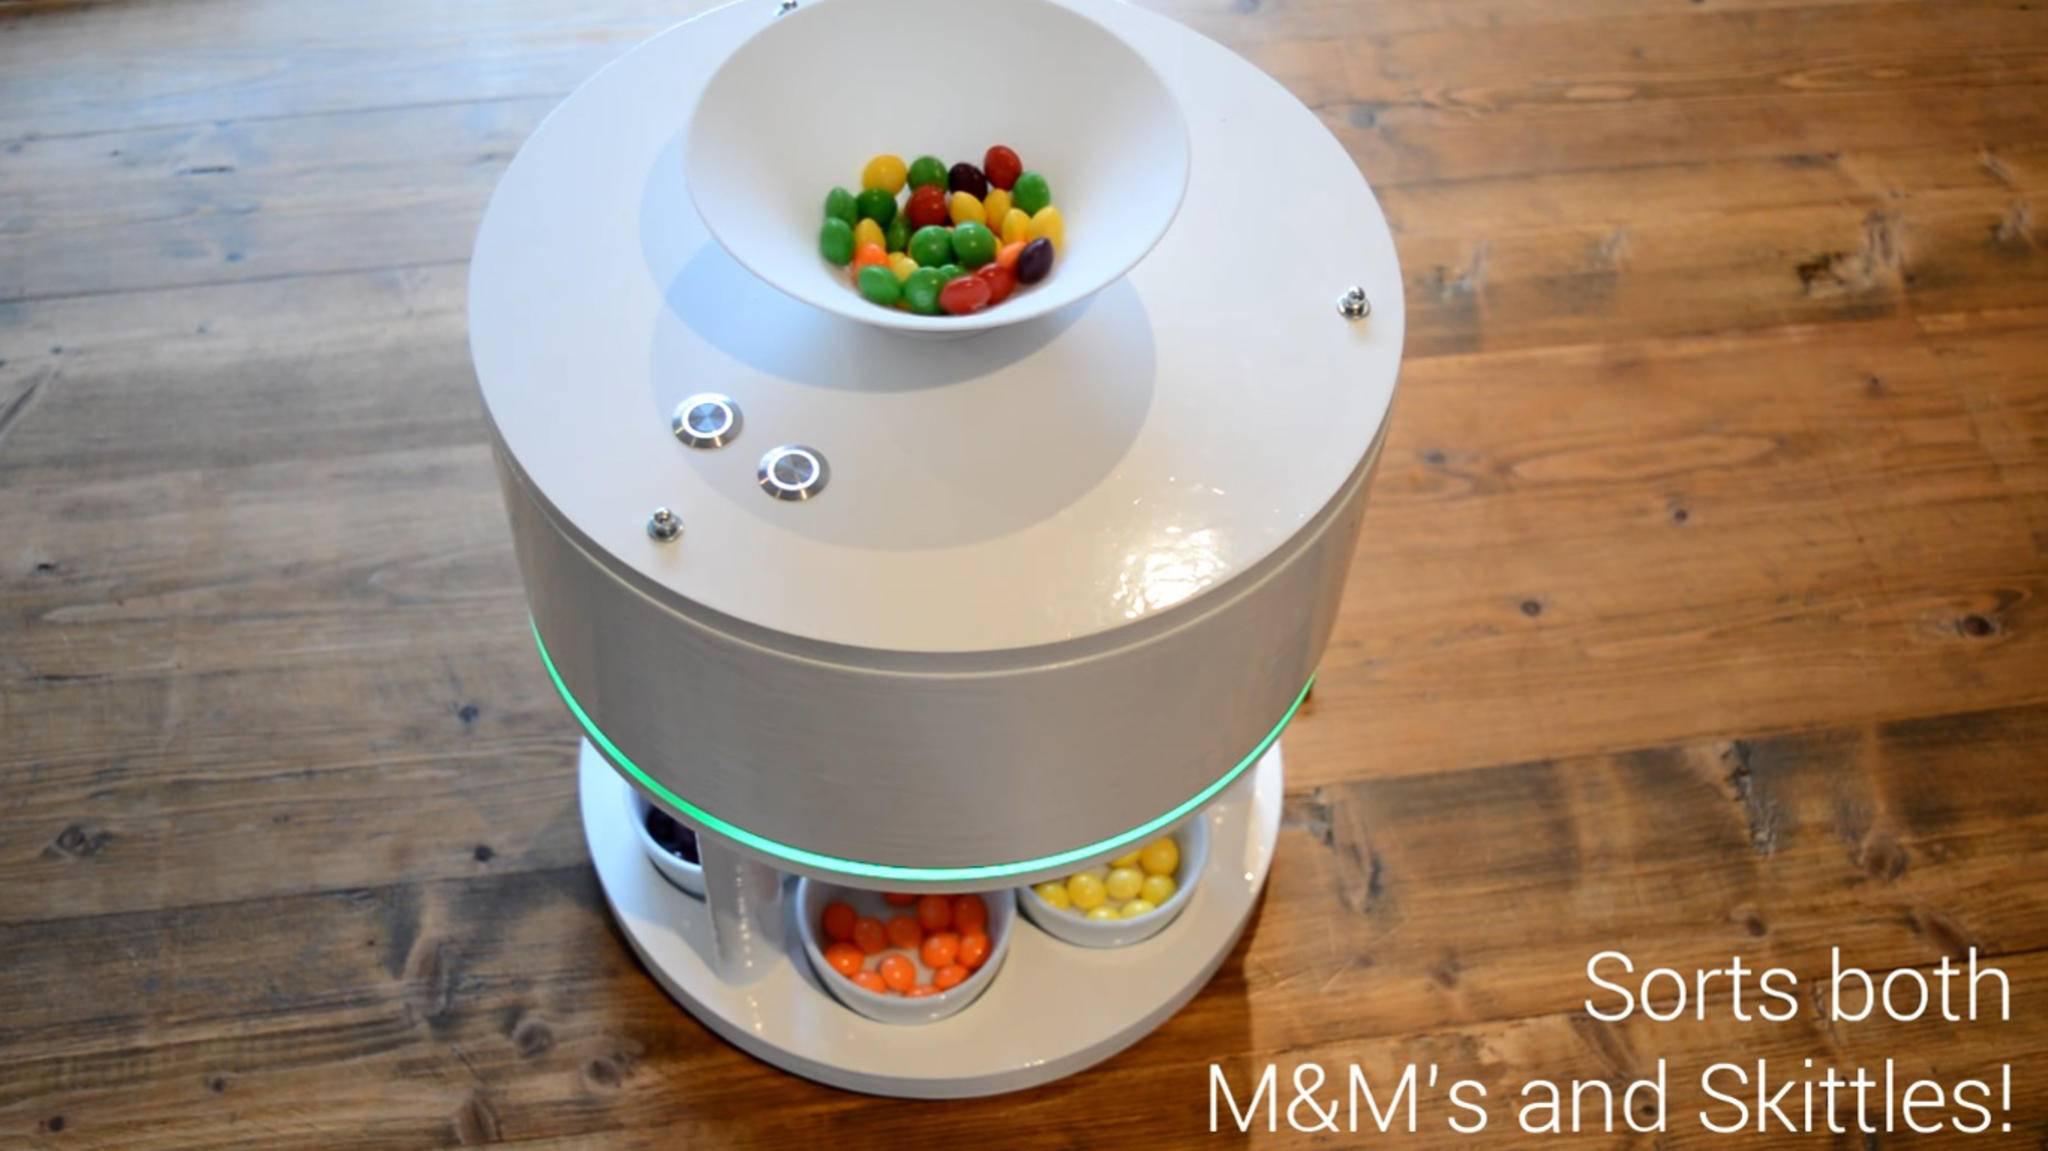 Diese Maschine macht Schluss mit dem bunten Durcheinander in der M&M-Packung.